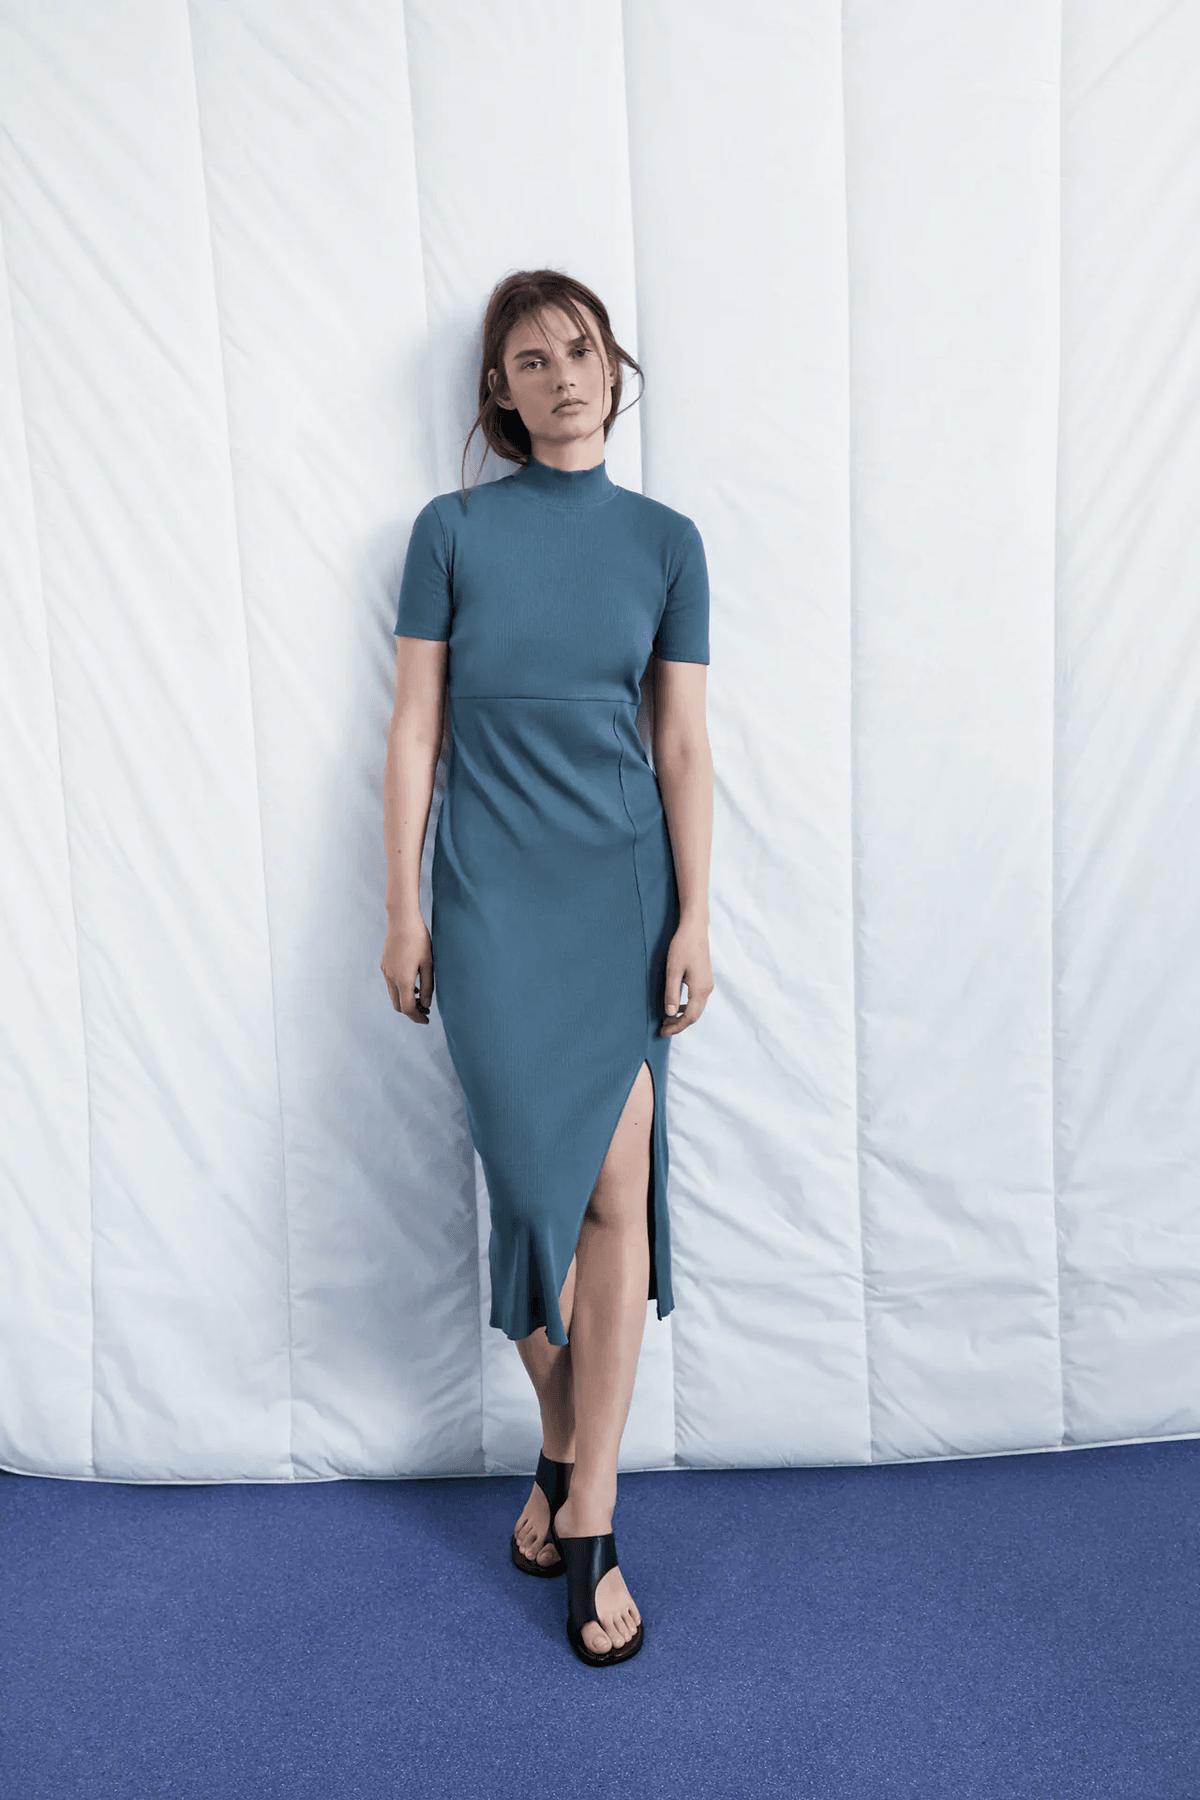 Rebajas Zara Invierno 2021 Tendenzias Com